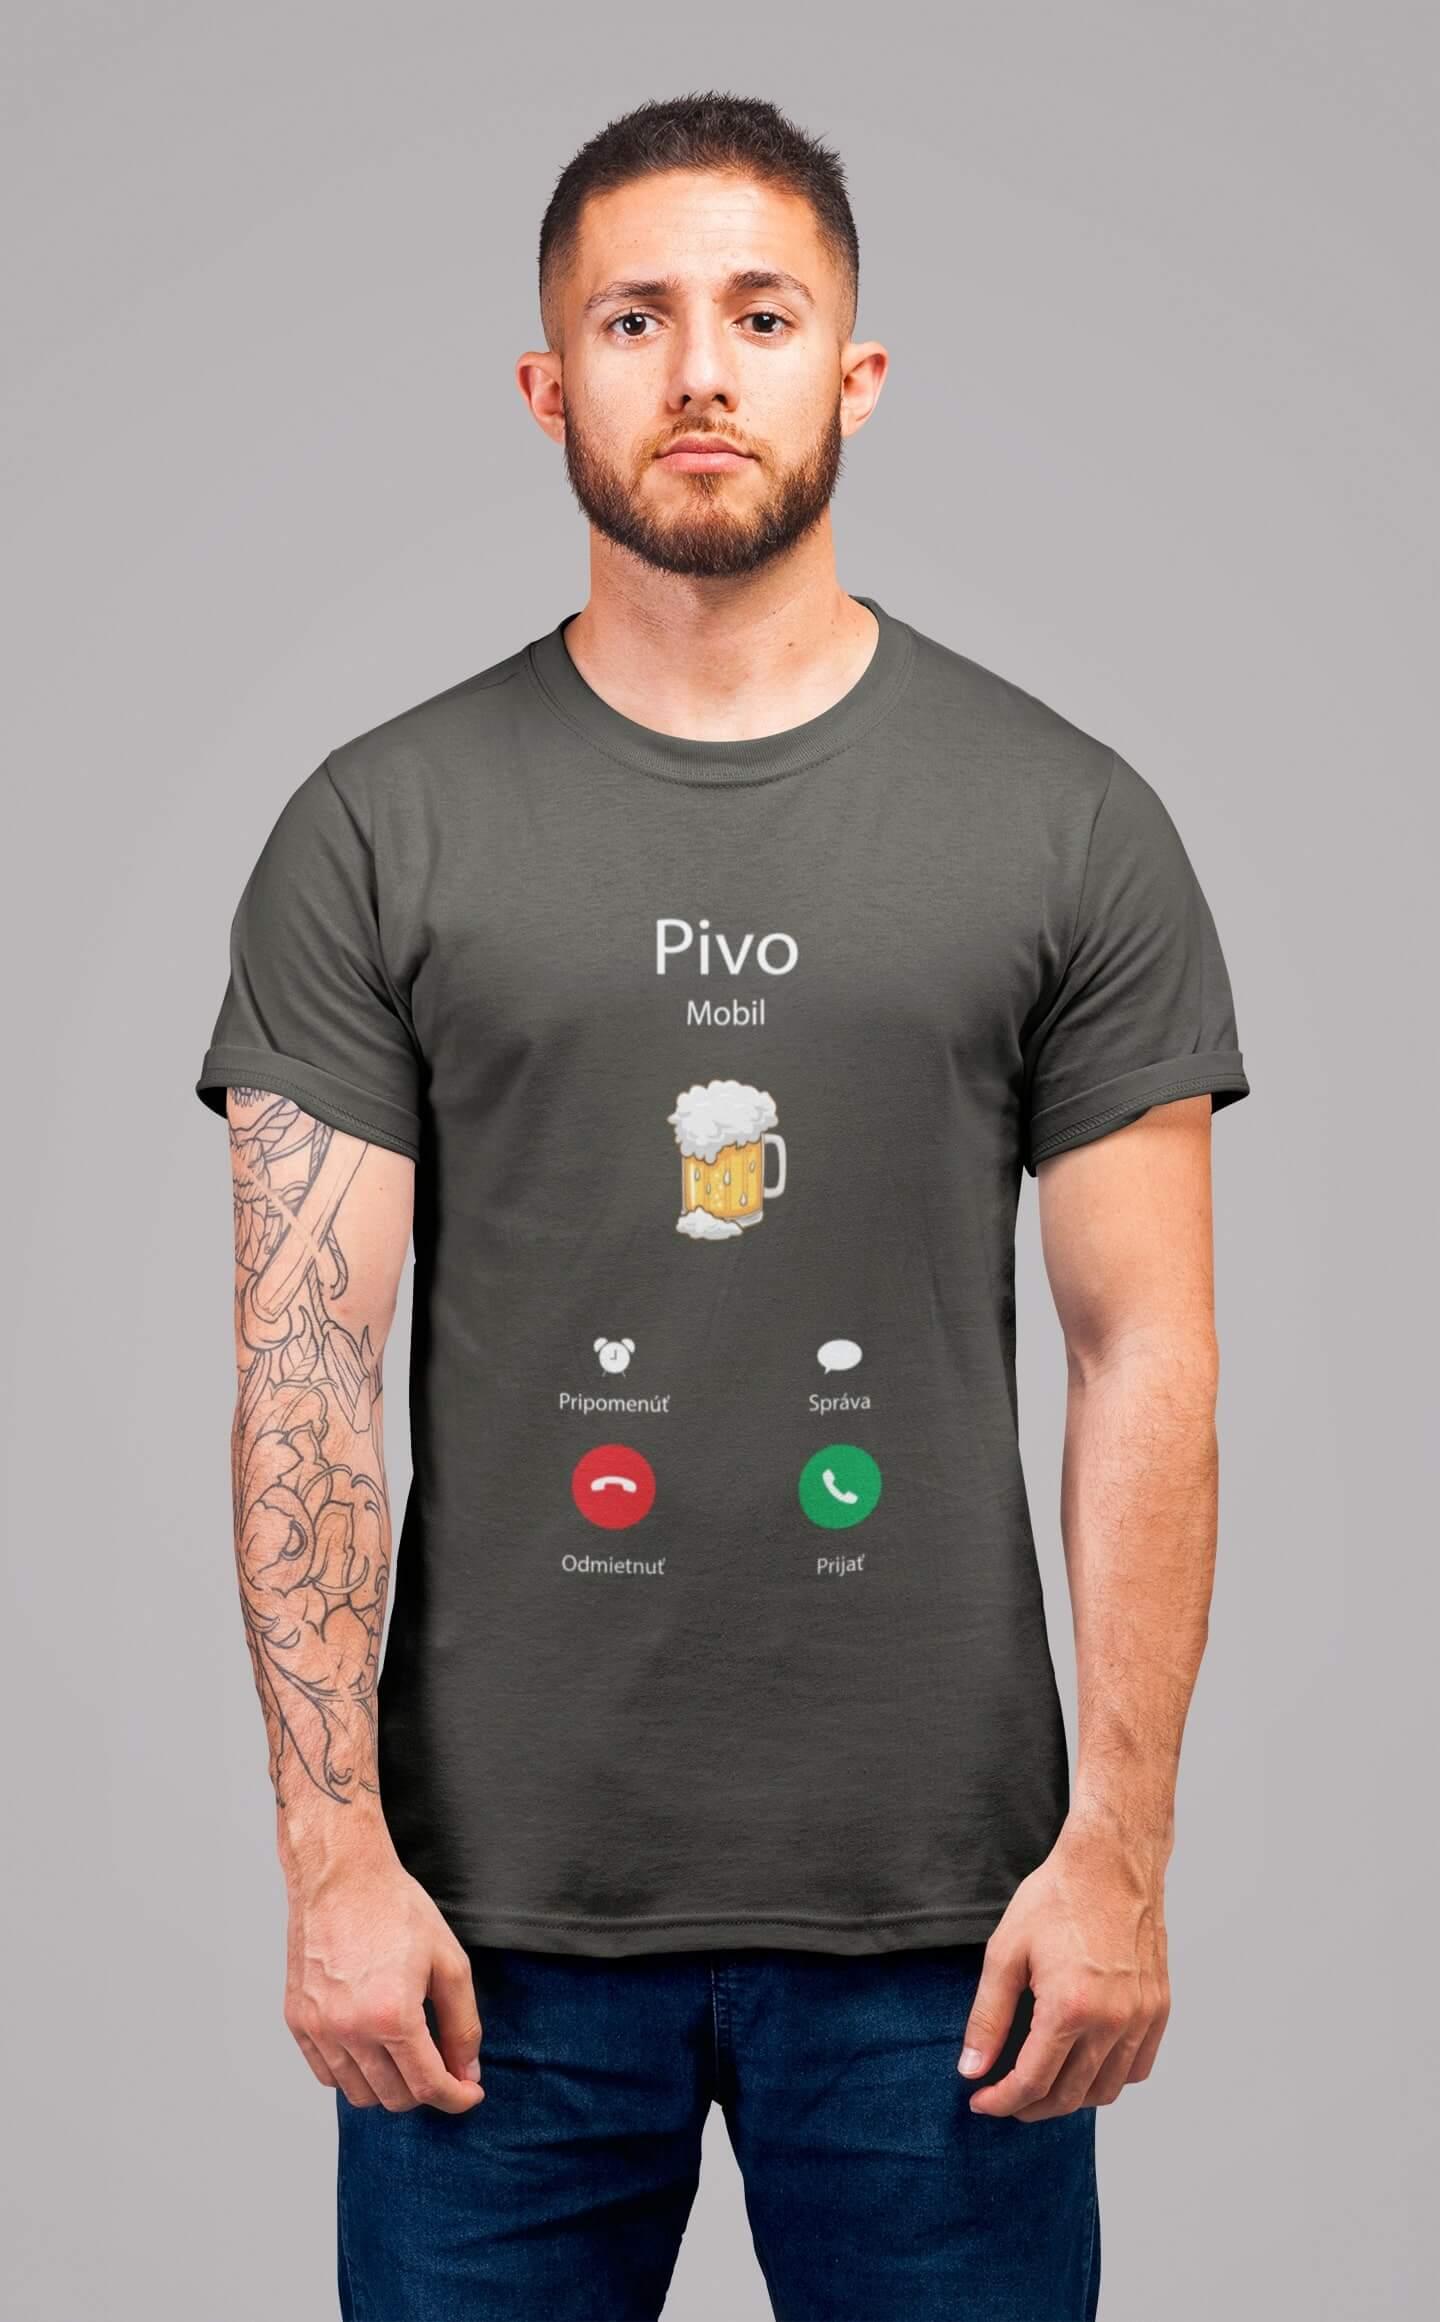 MMO Pánske tričko Volá Vyberte farbu: Tmavá bridlica, Vyberte veľkosť: XL